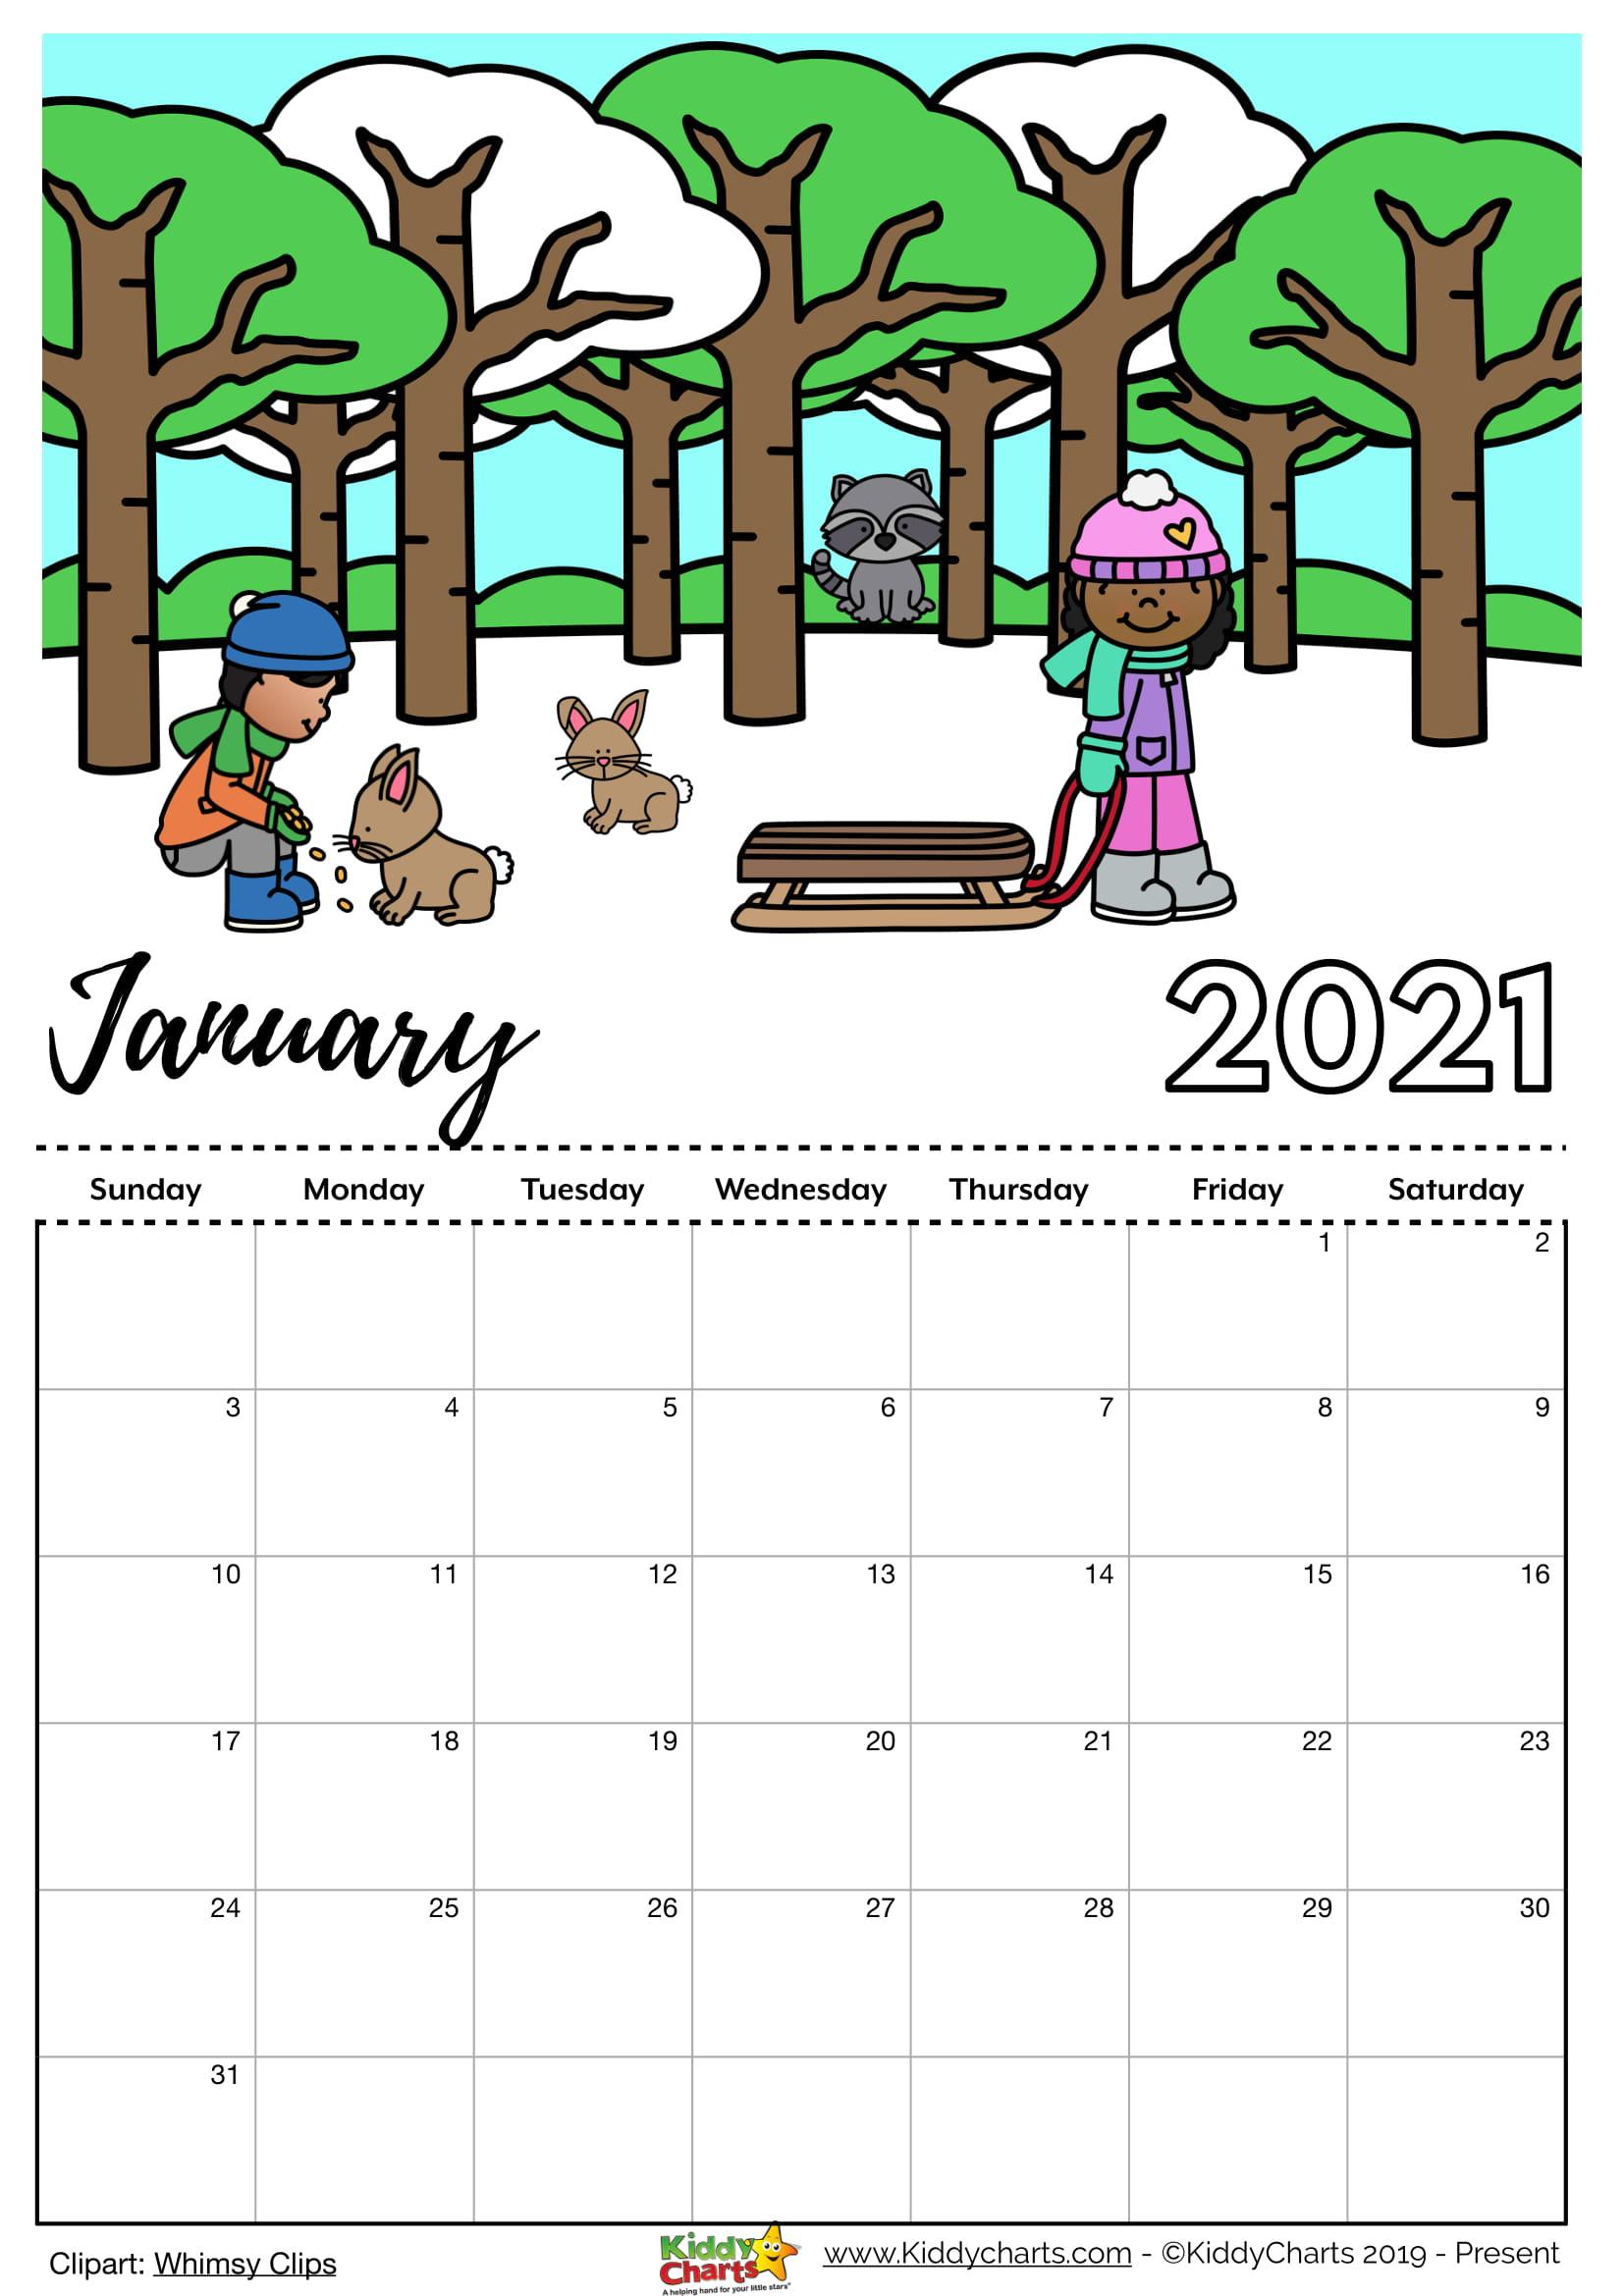 Editable 2021 Calendar for Sale   kiddycharts.com